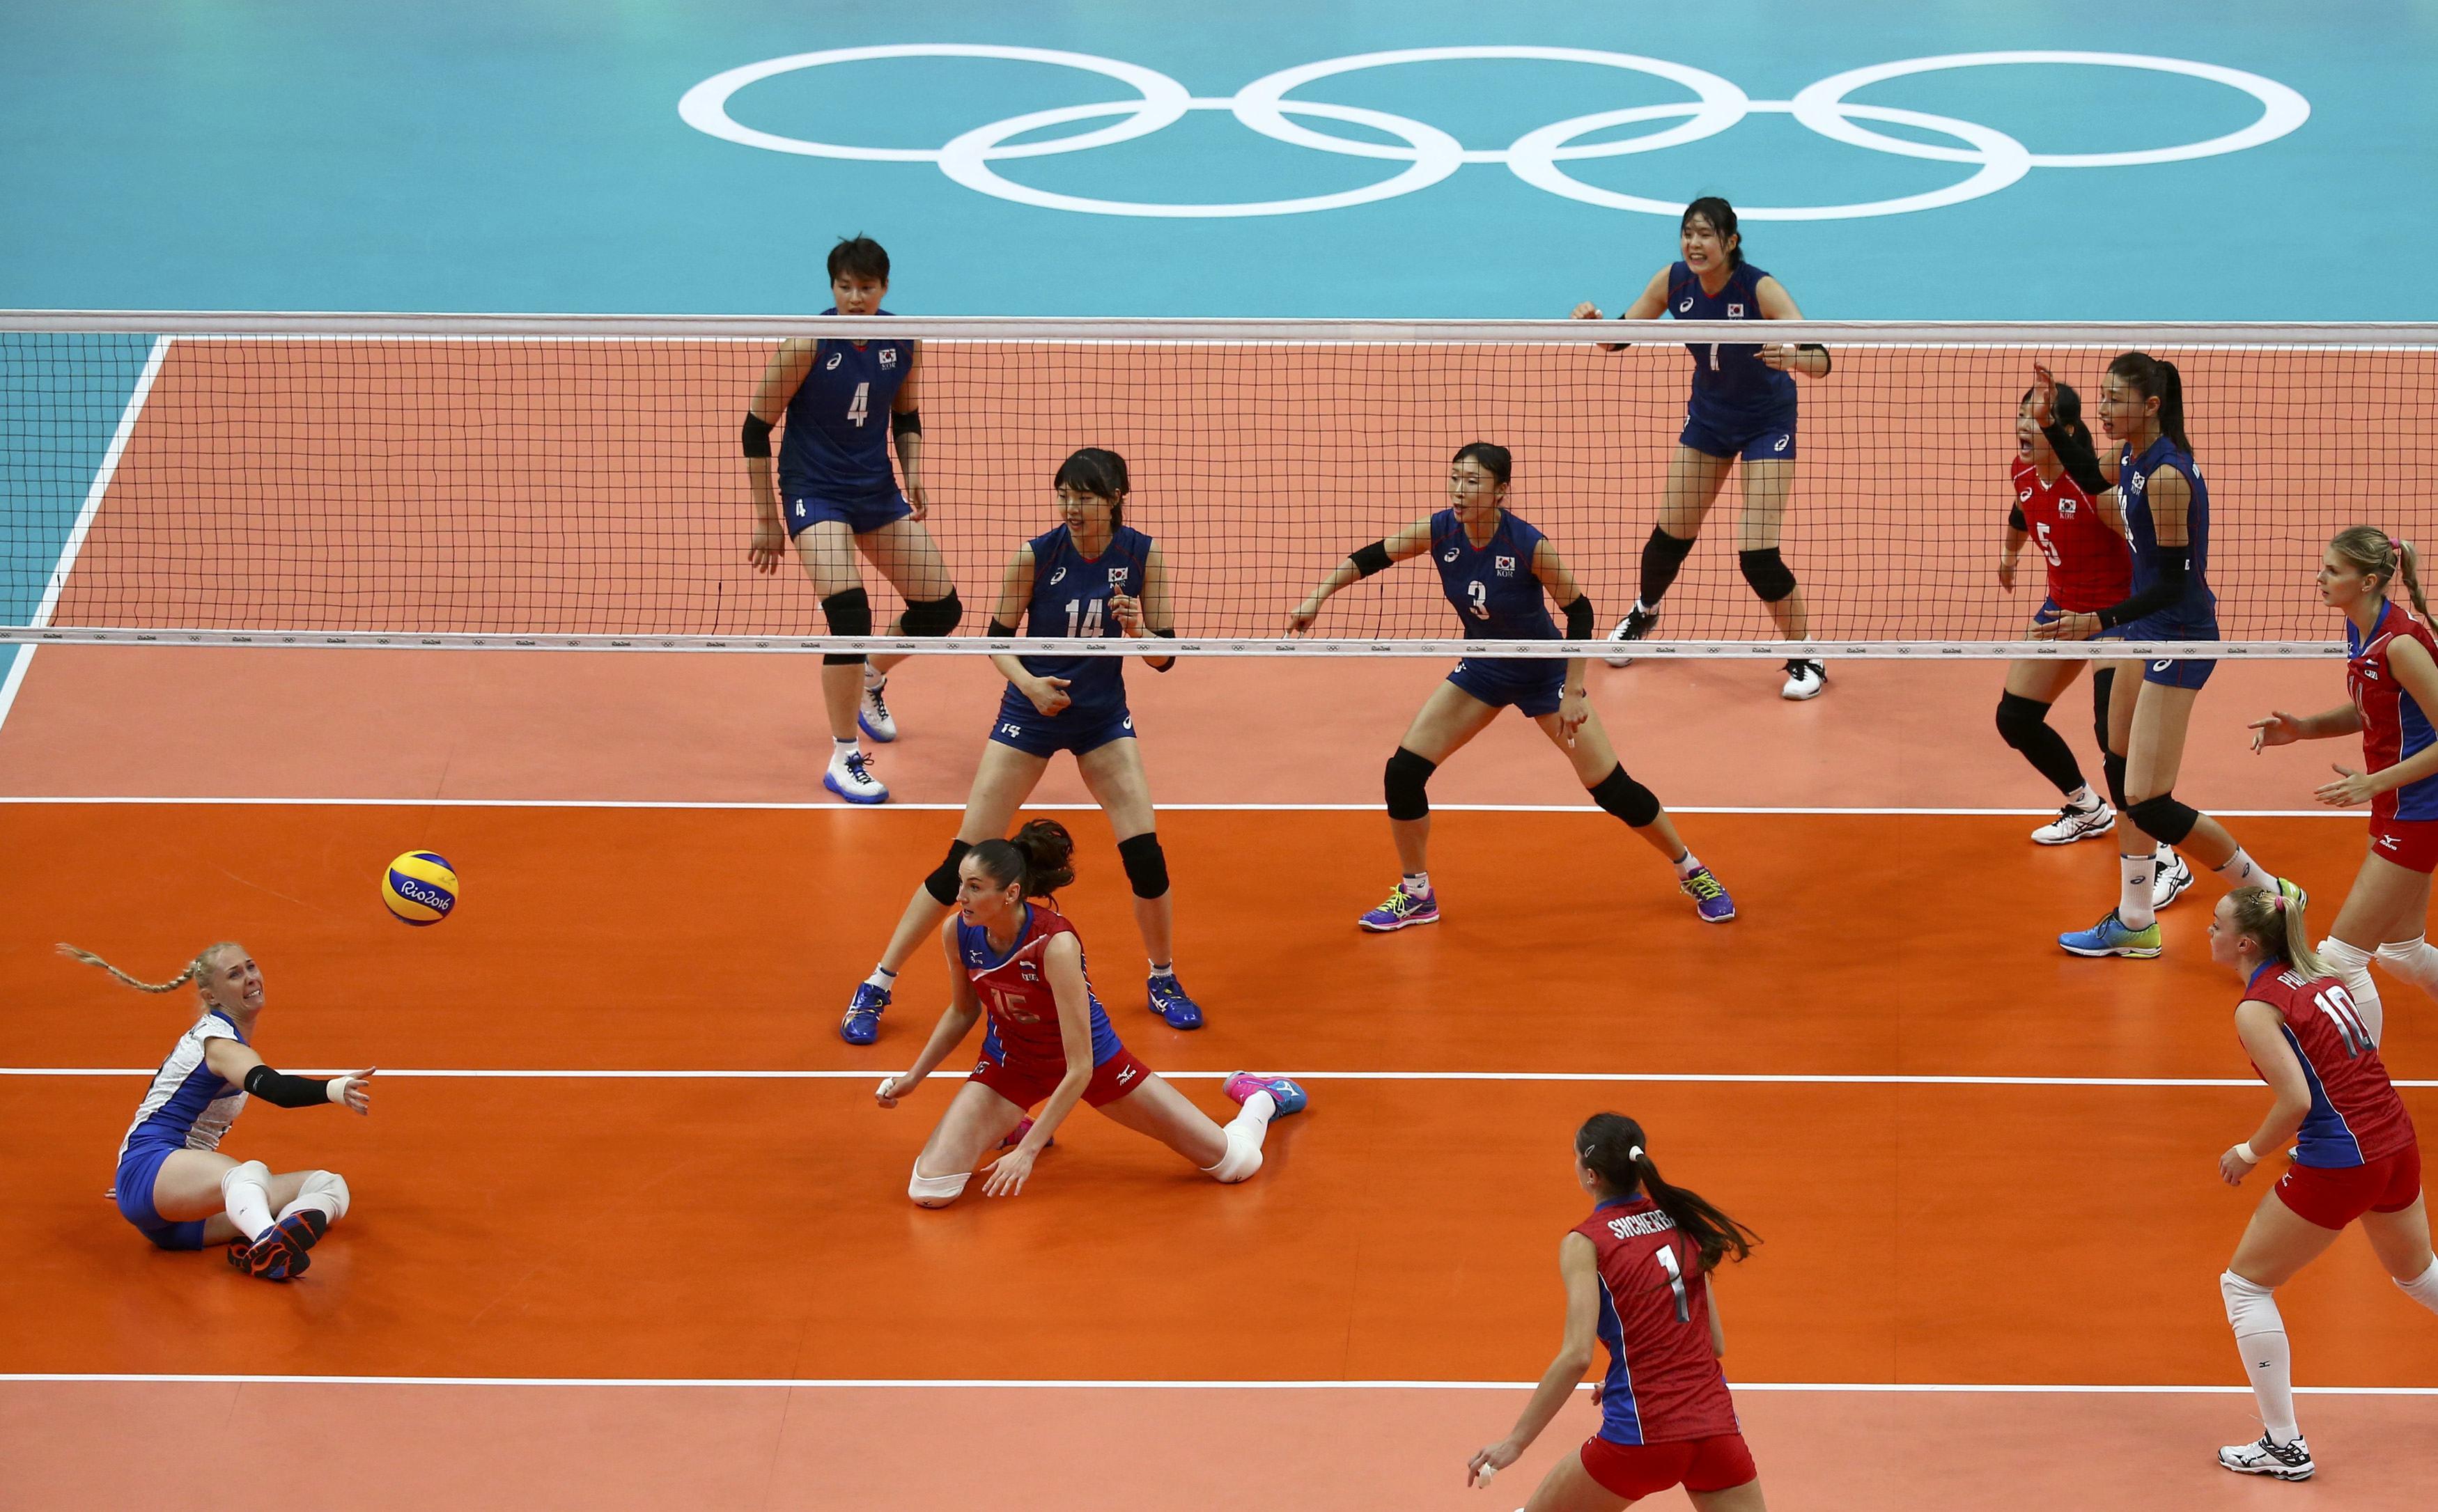 Олимпиада волейбол мужчины 12 фотография